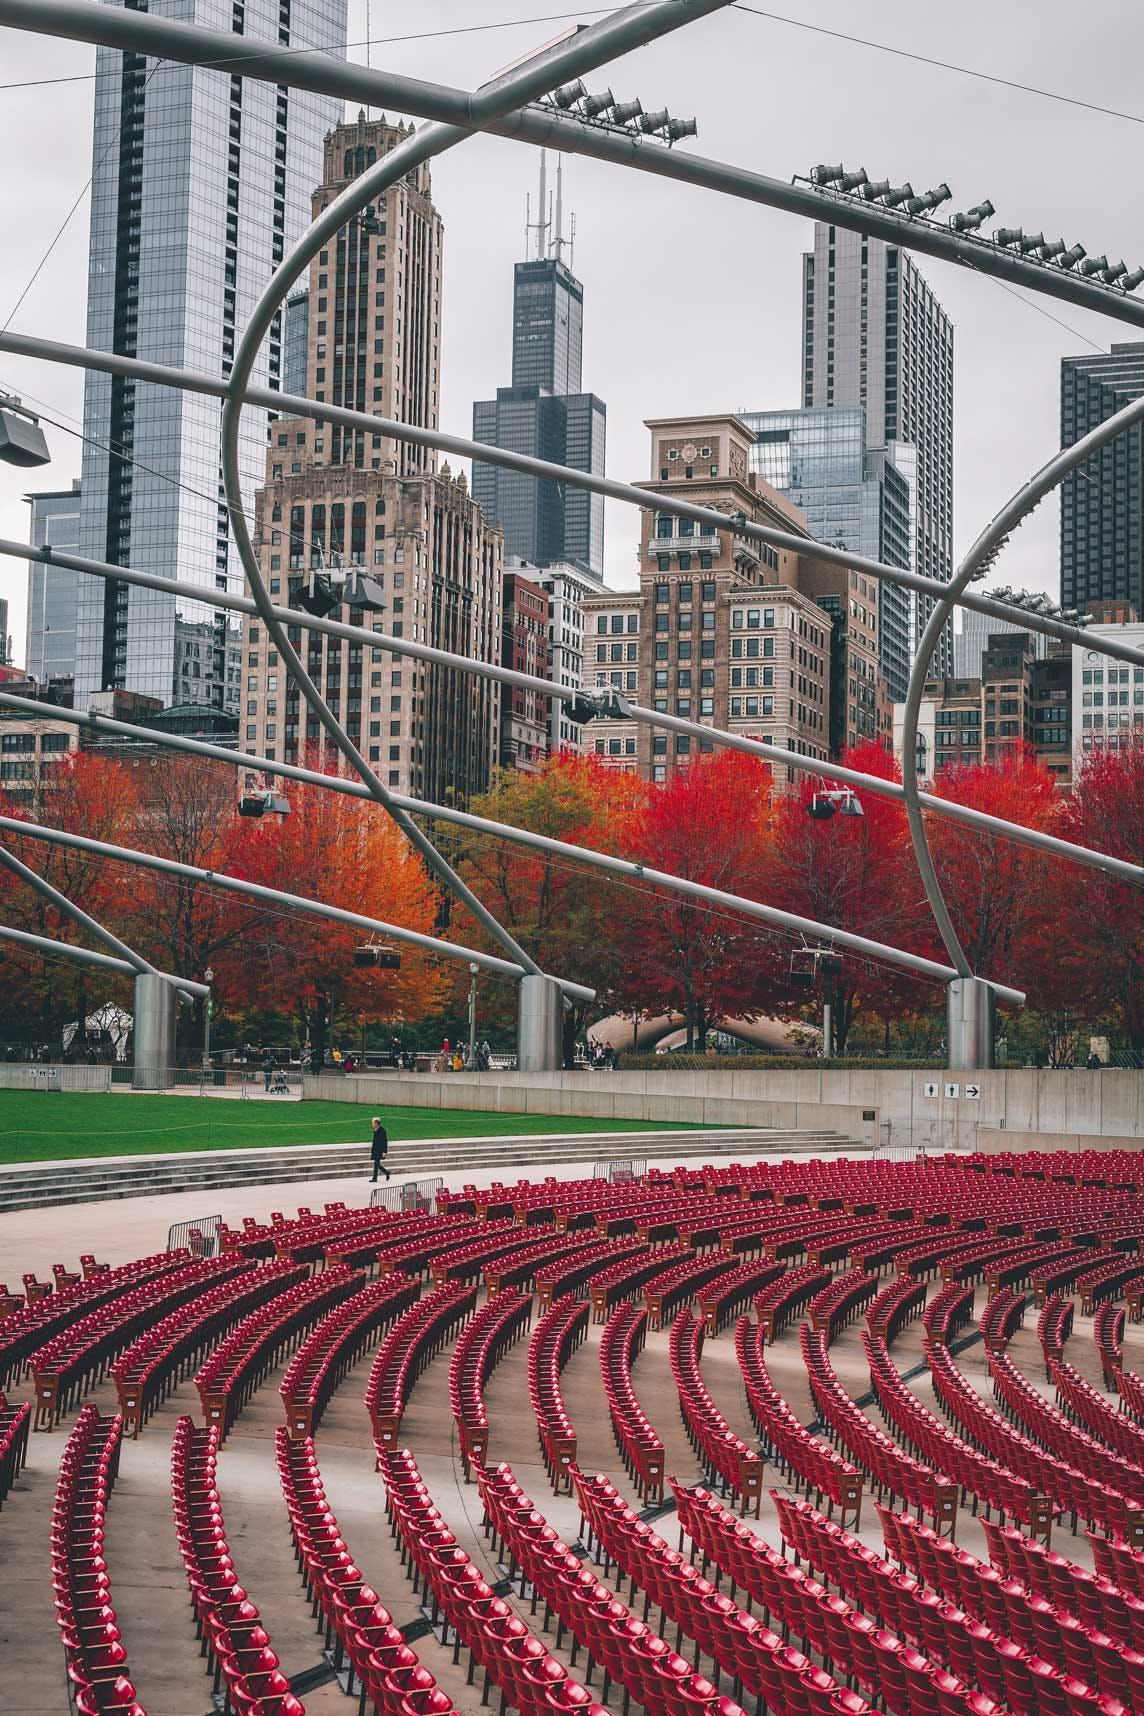 Jay Pritzker Pavilion view of Millennium Park & Willis Tower